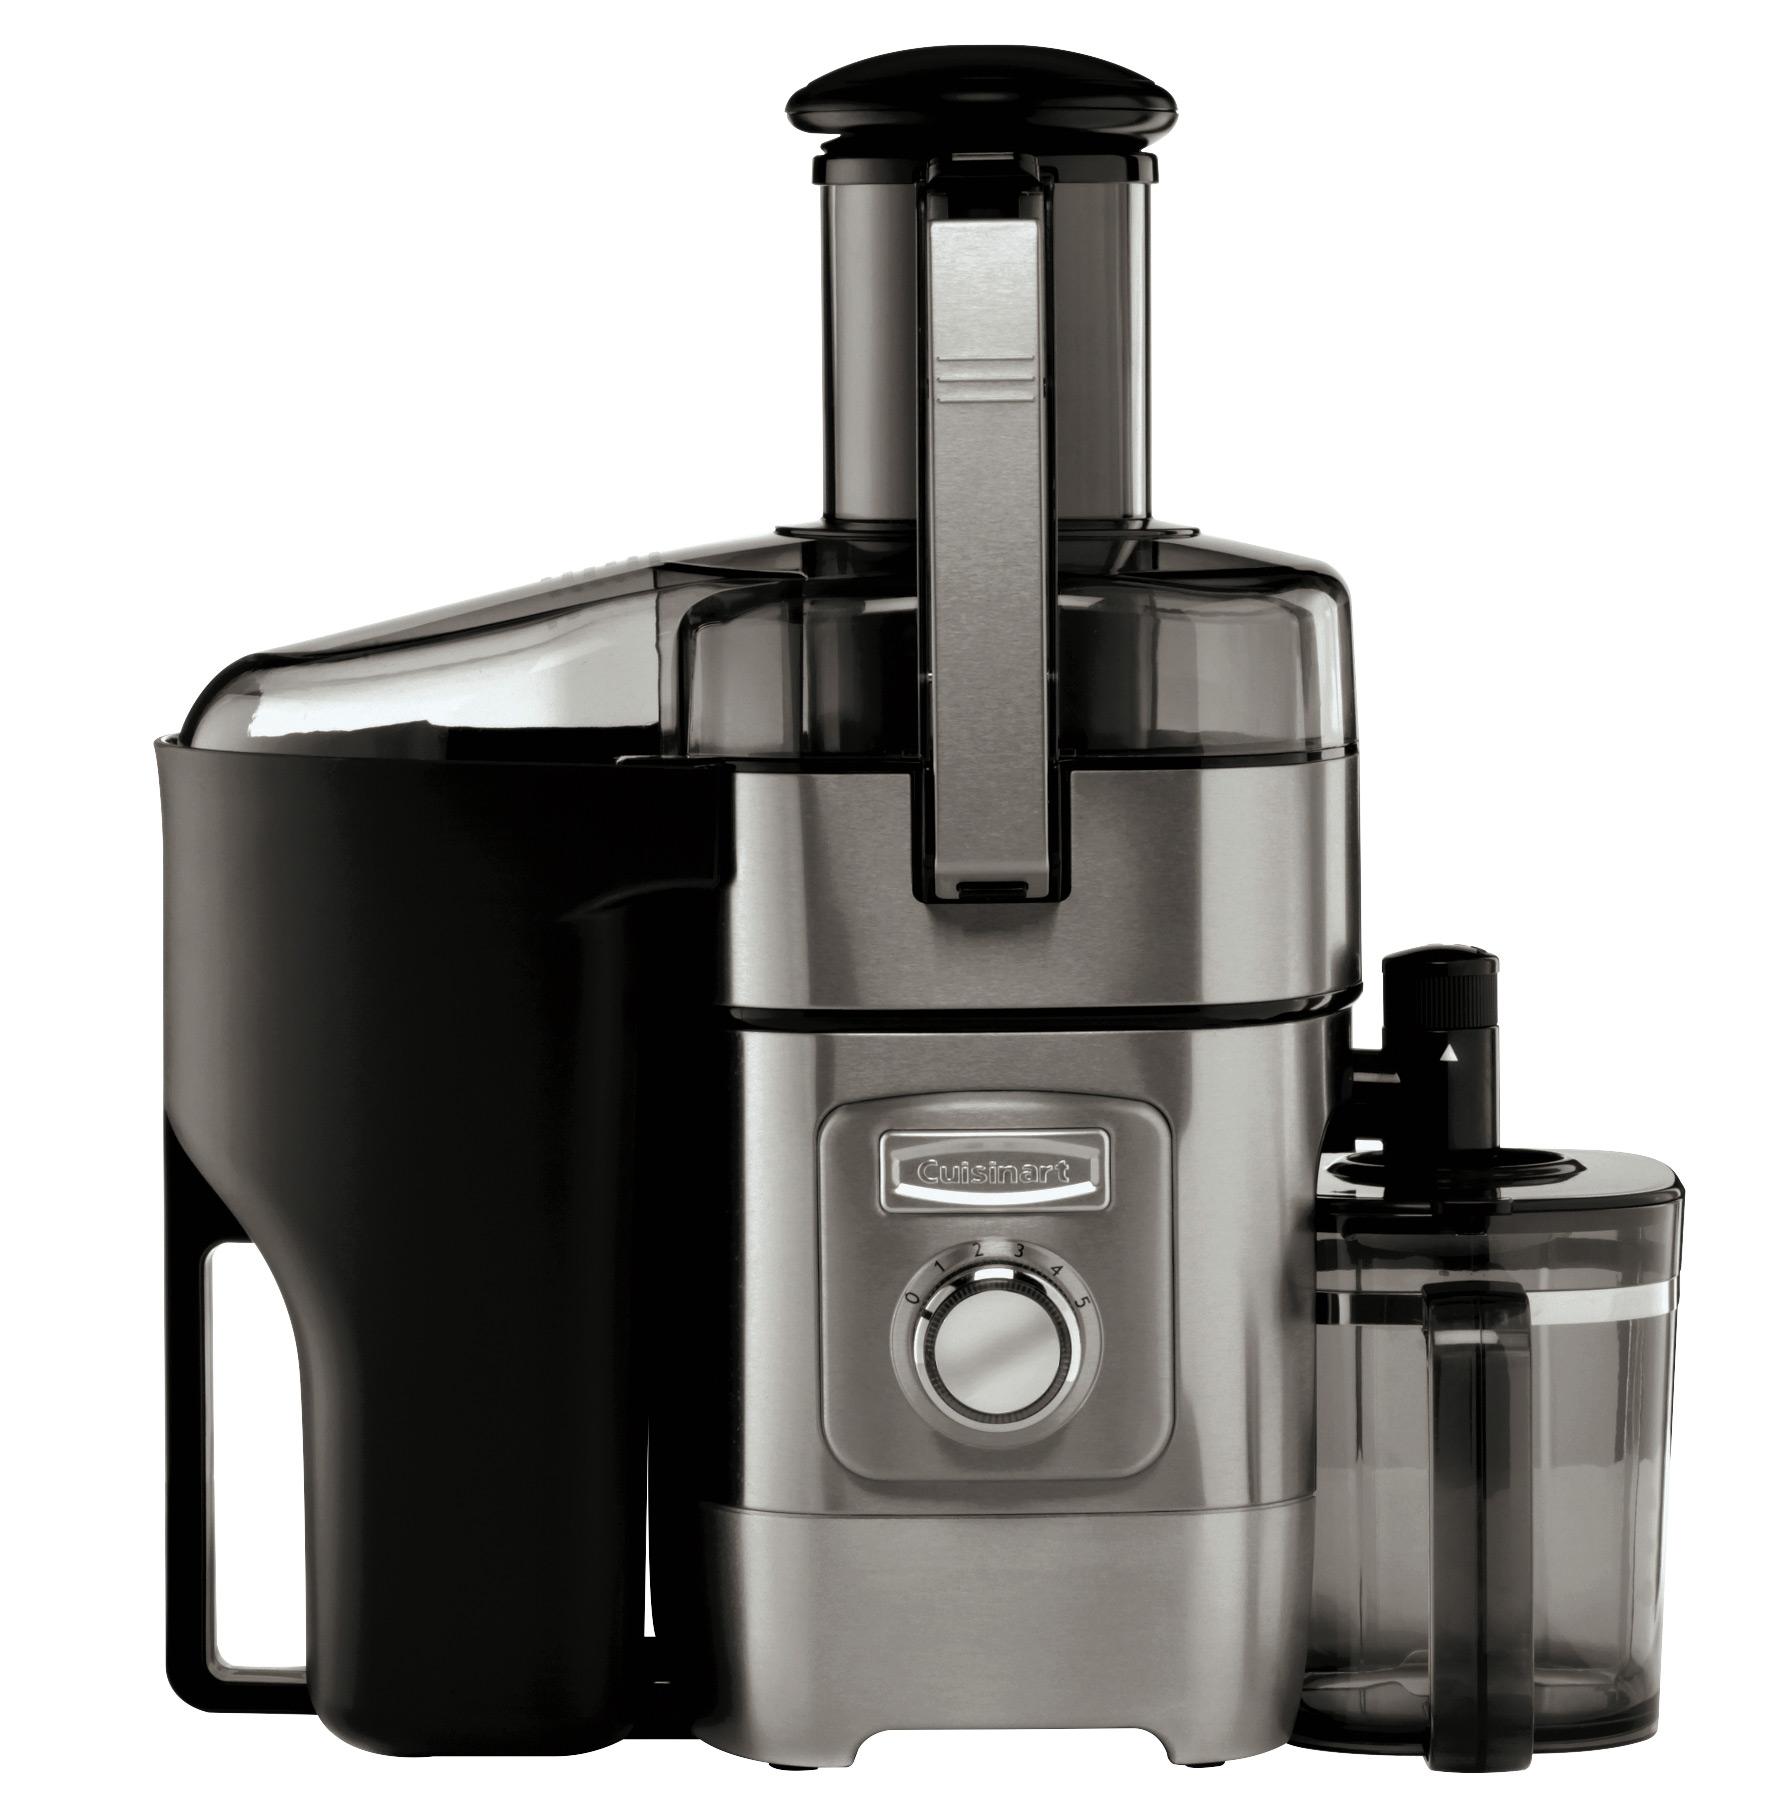 Paderno-keukenbenodigdheden-keukenmachine